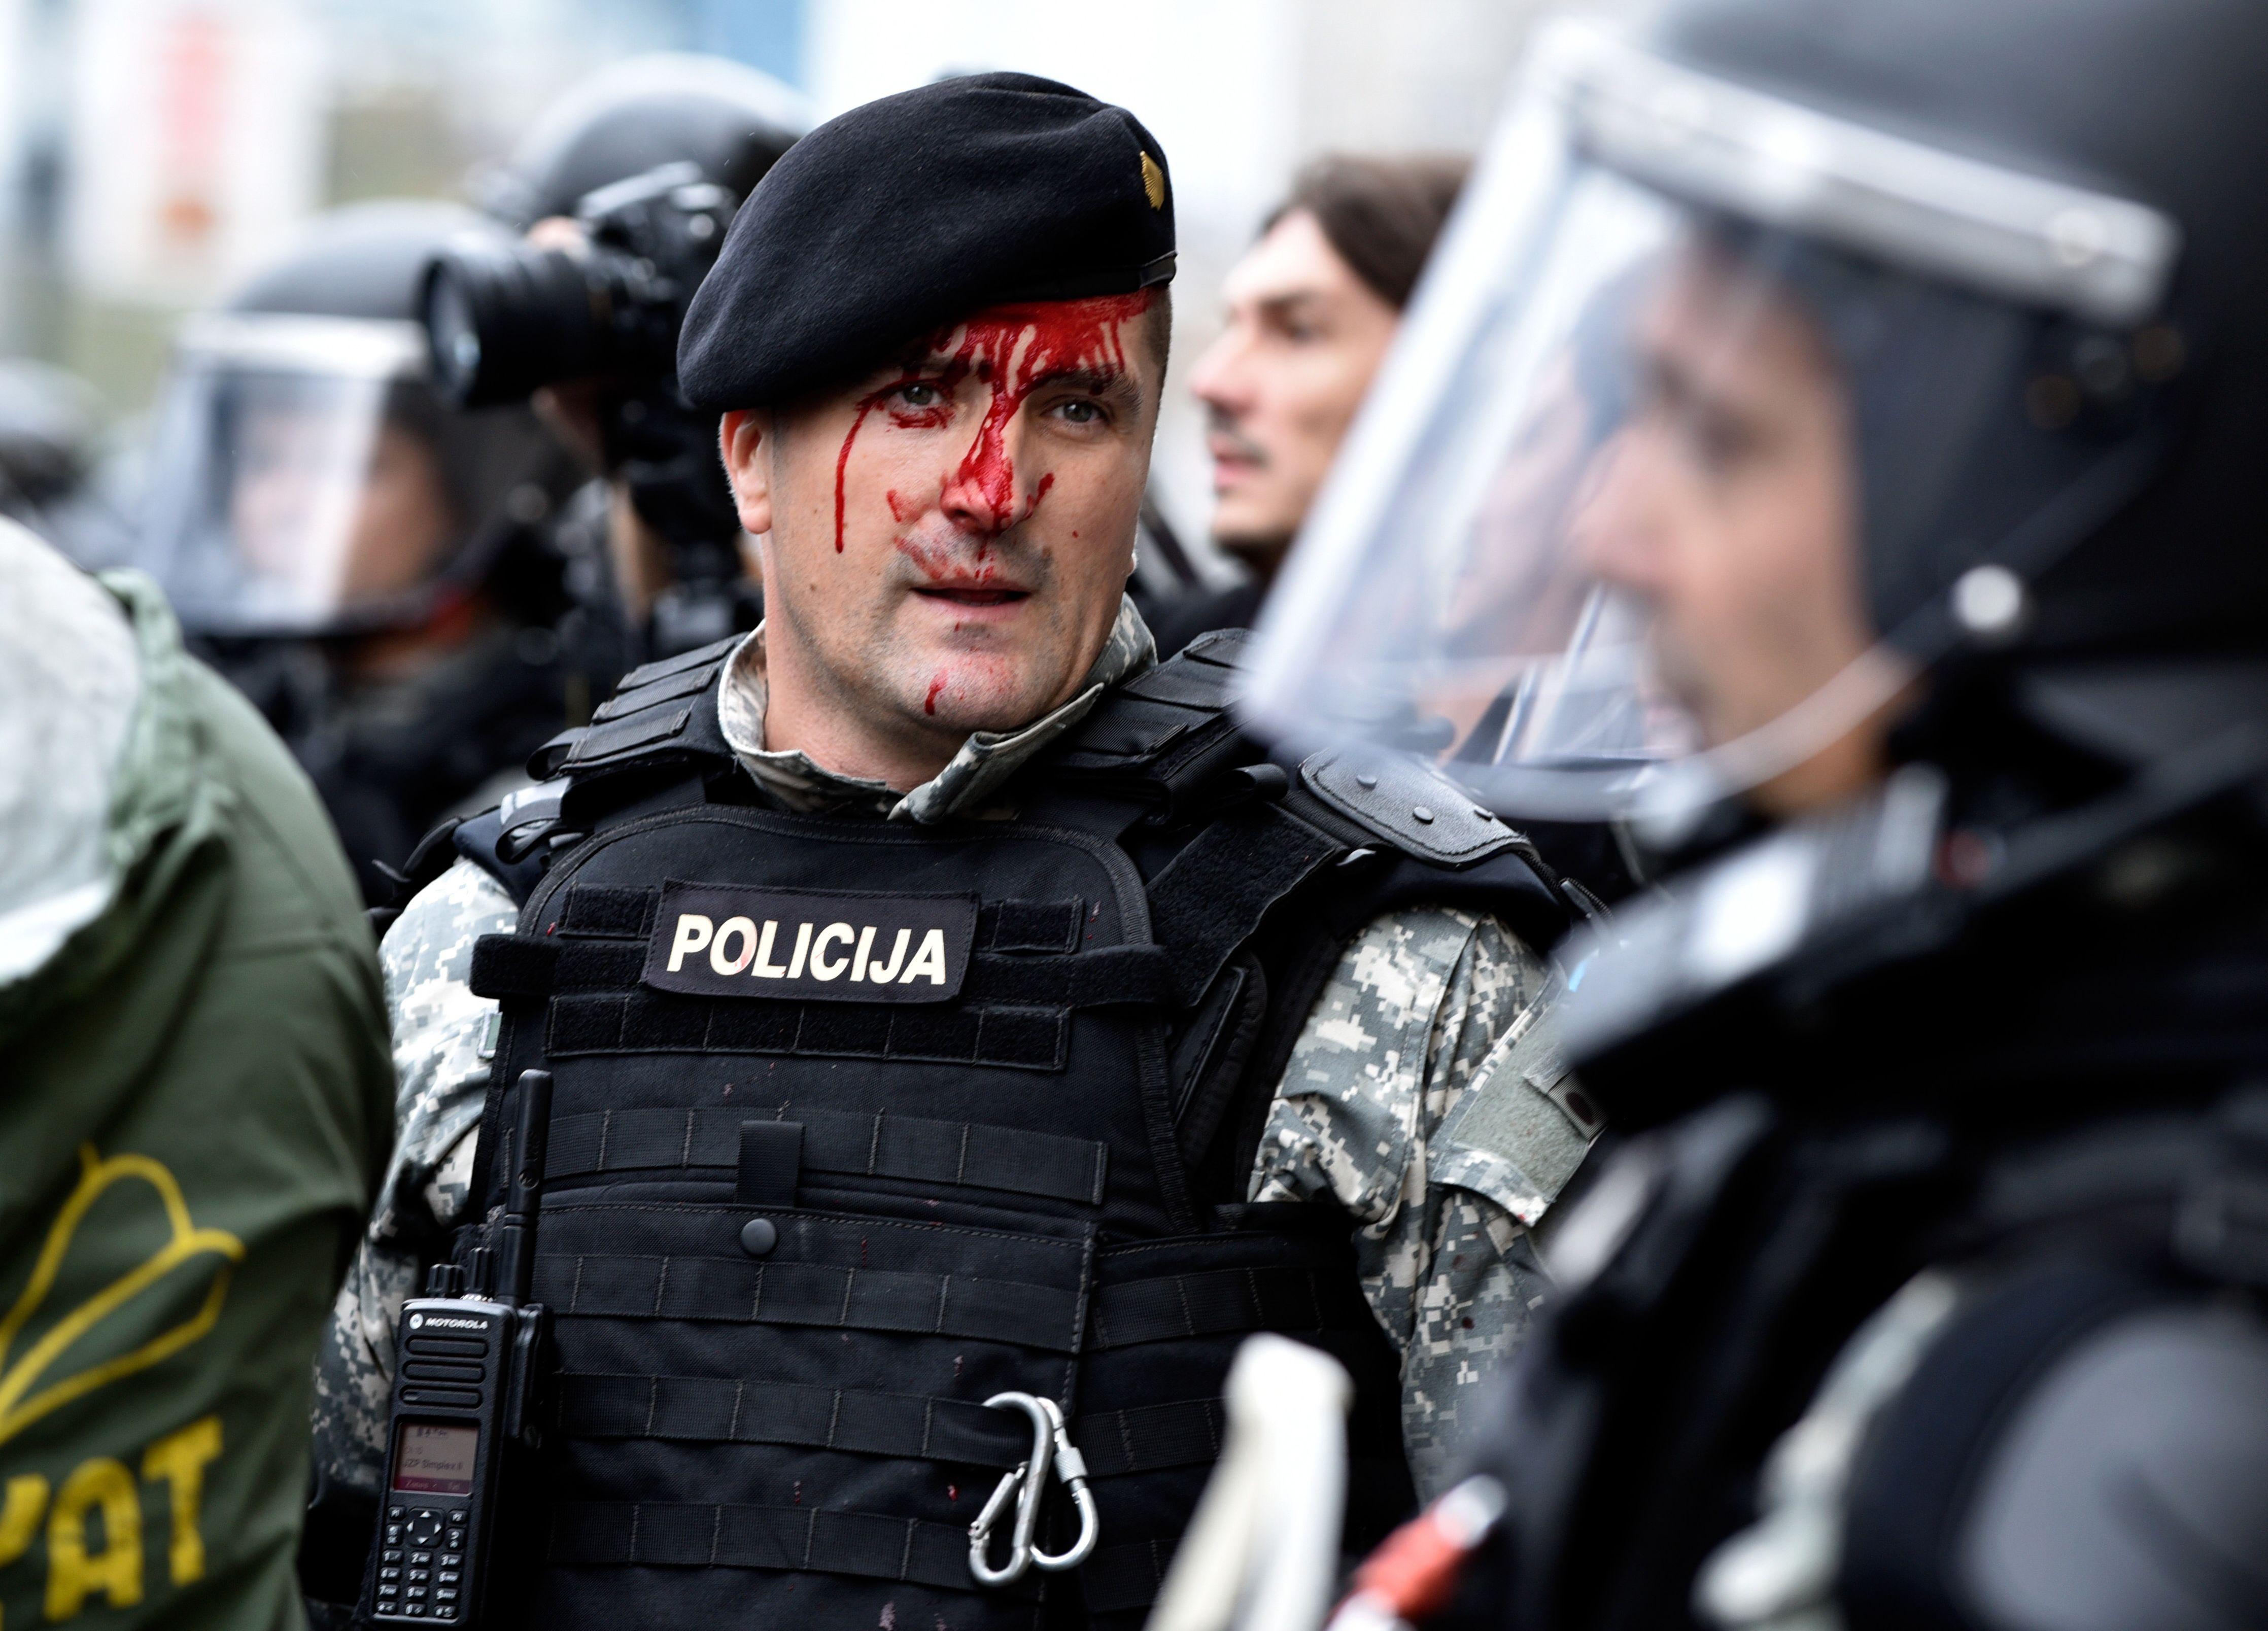 صور.. شرطة البوسنة تشتبك مع مئات من المحاربين القدماء بالعاصمة سراييفو  1188644-البوسنة-(7)